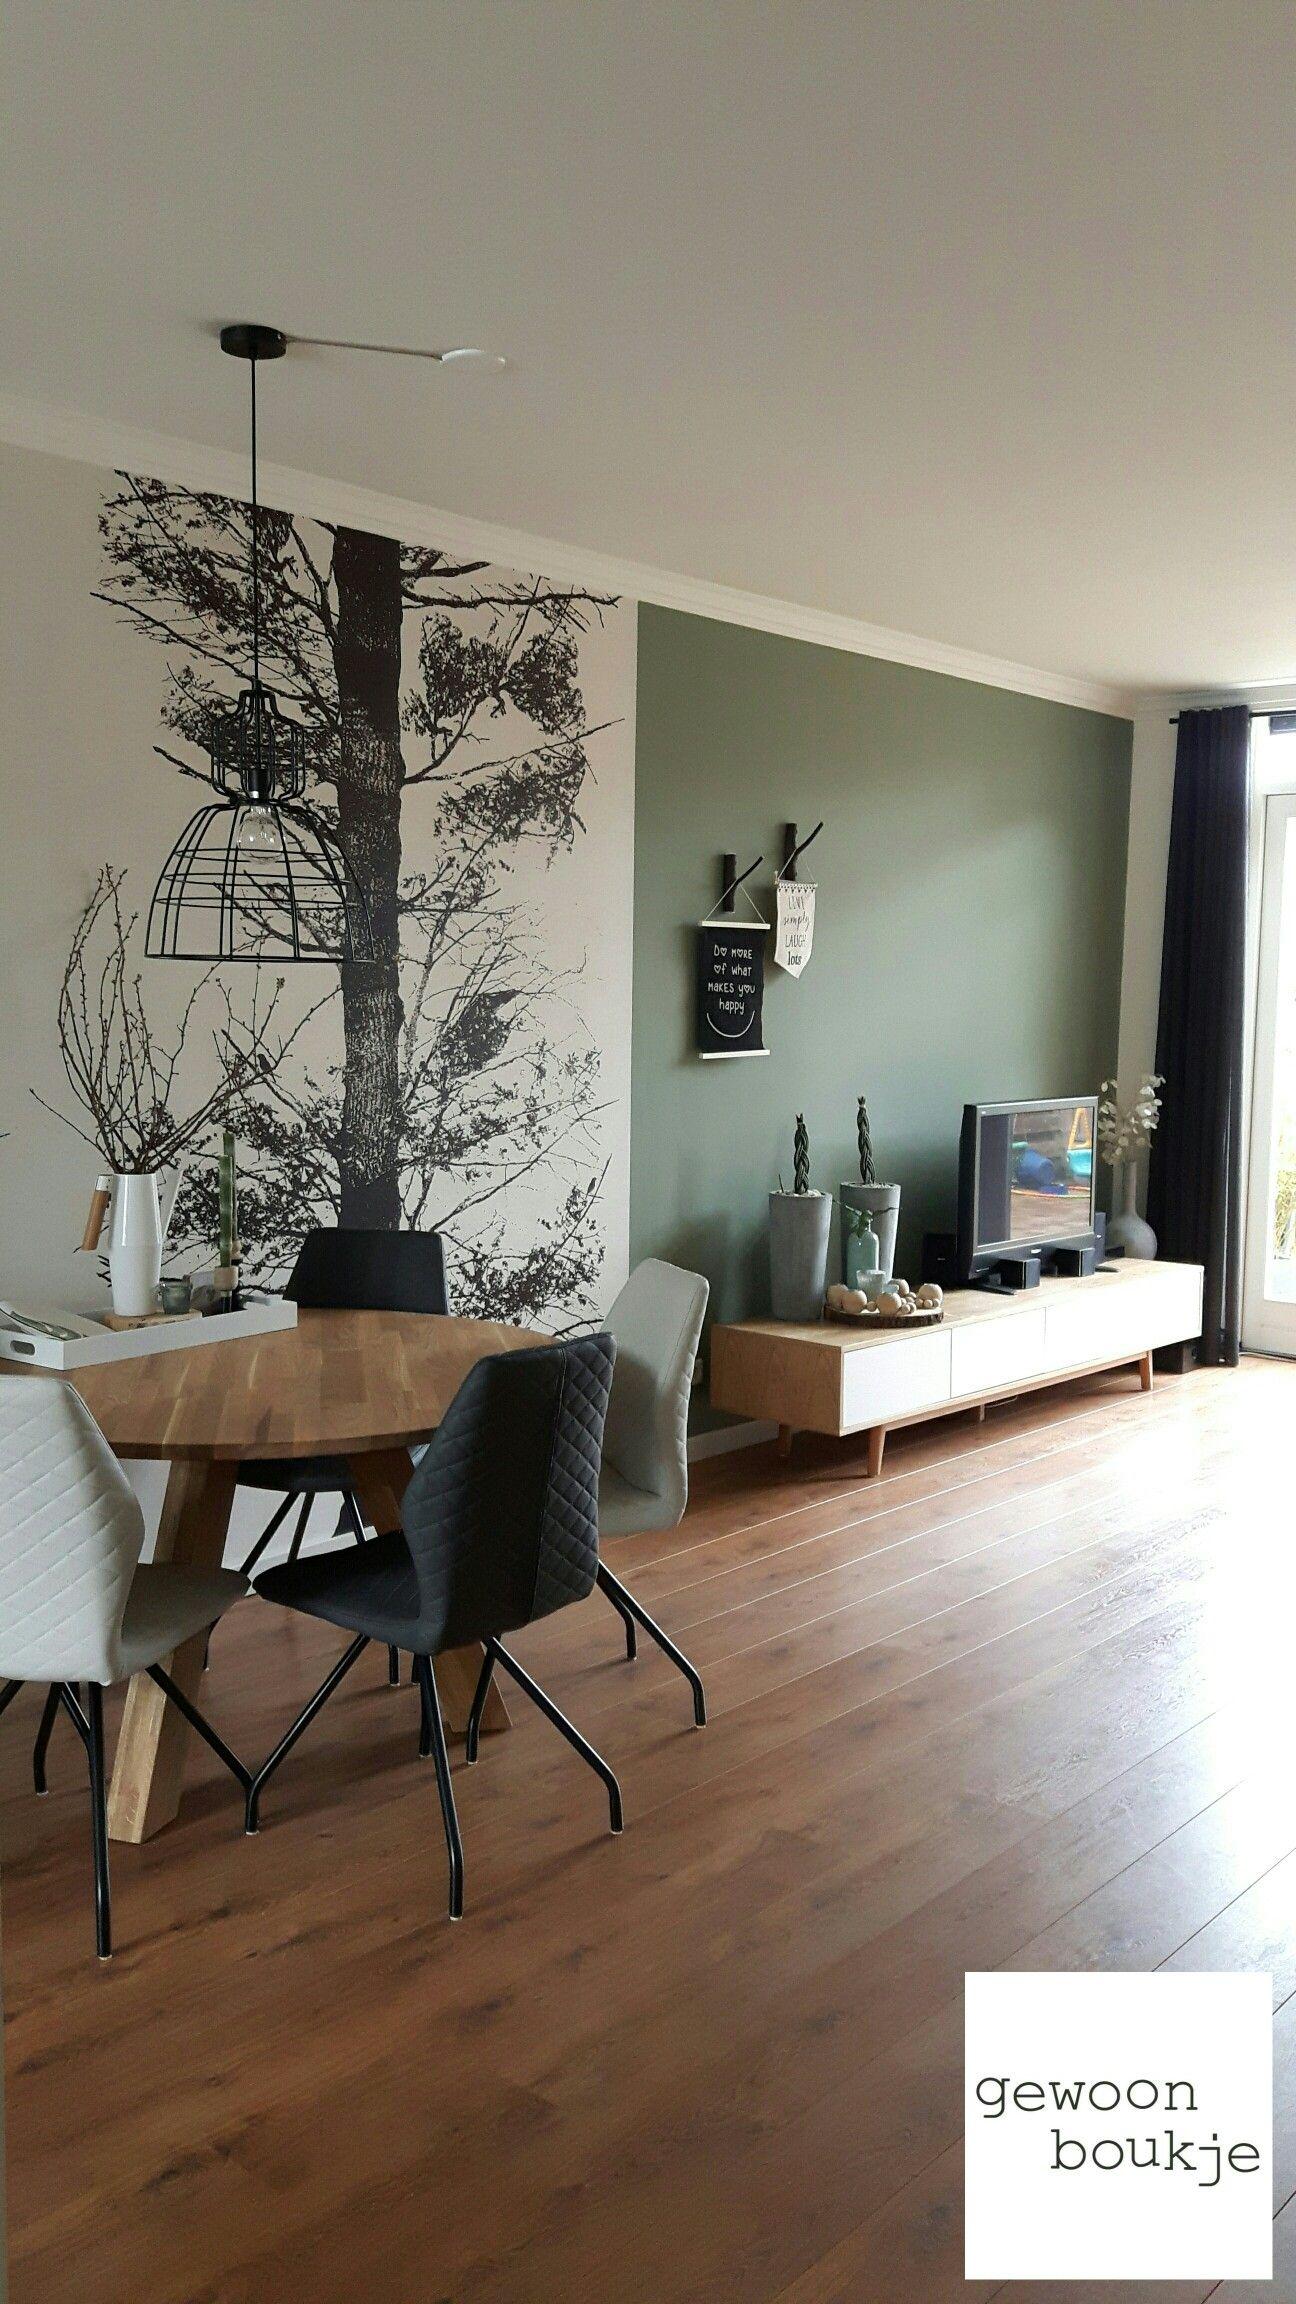 D co graphique et douce industriel et v g tal la nature - Decoration de l interieur ...